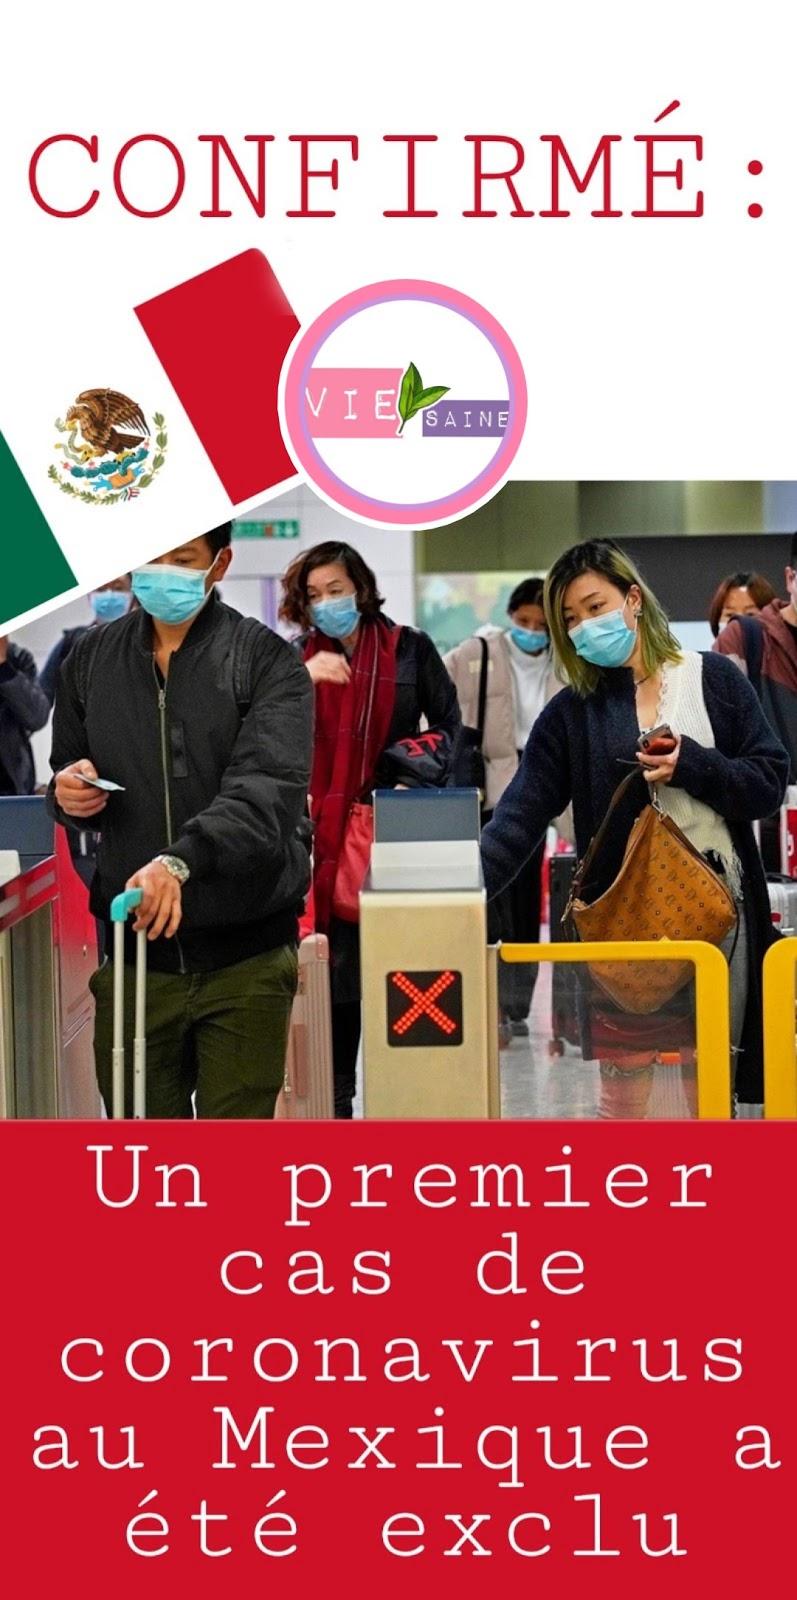 CONFIRMÉ: Un premier cas de coronavirus au Mexique a été exclu